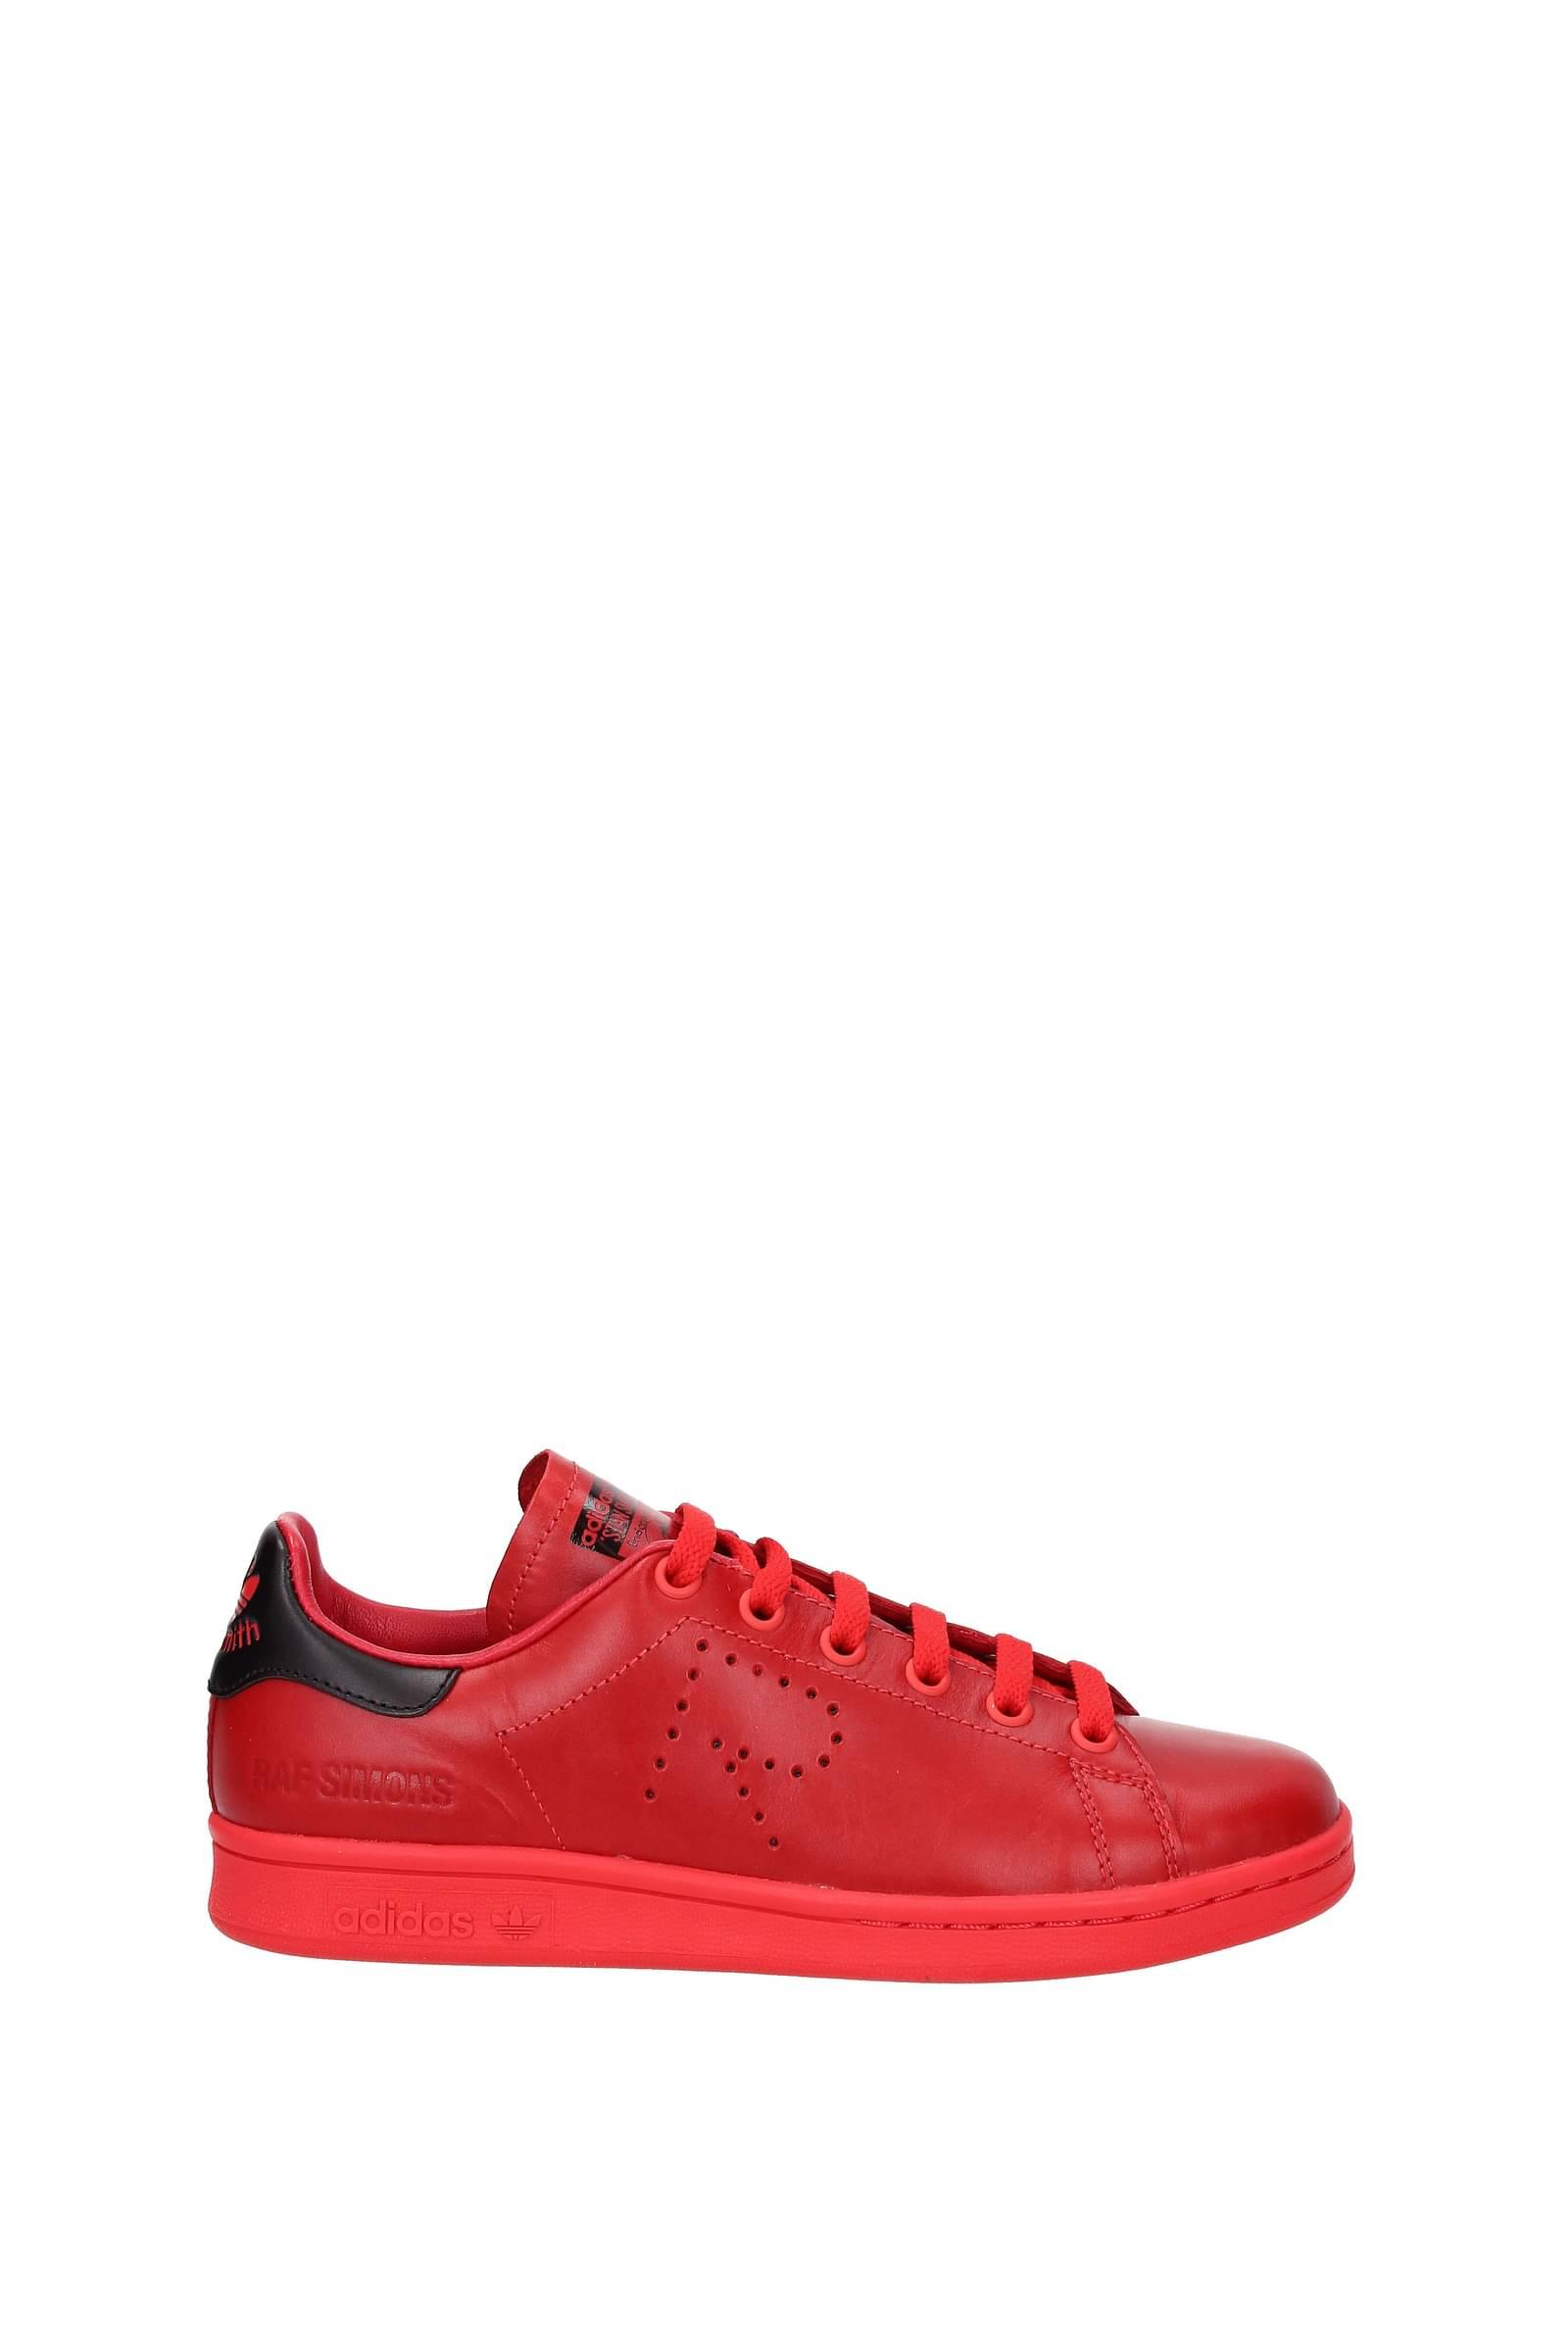 Leder BA737 Sneakers Adidas raf simons stan smith Unisex